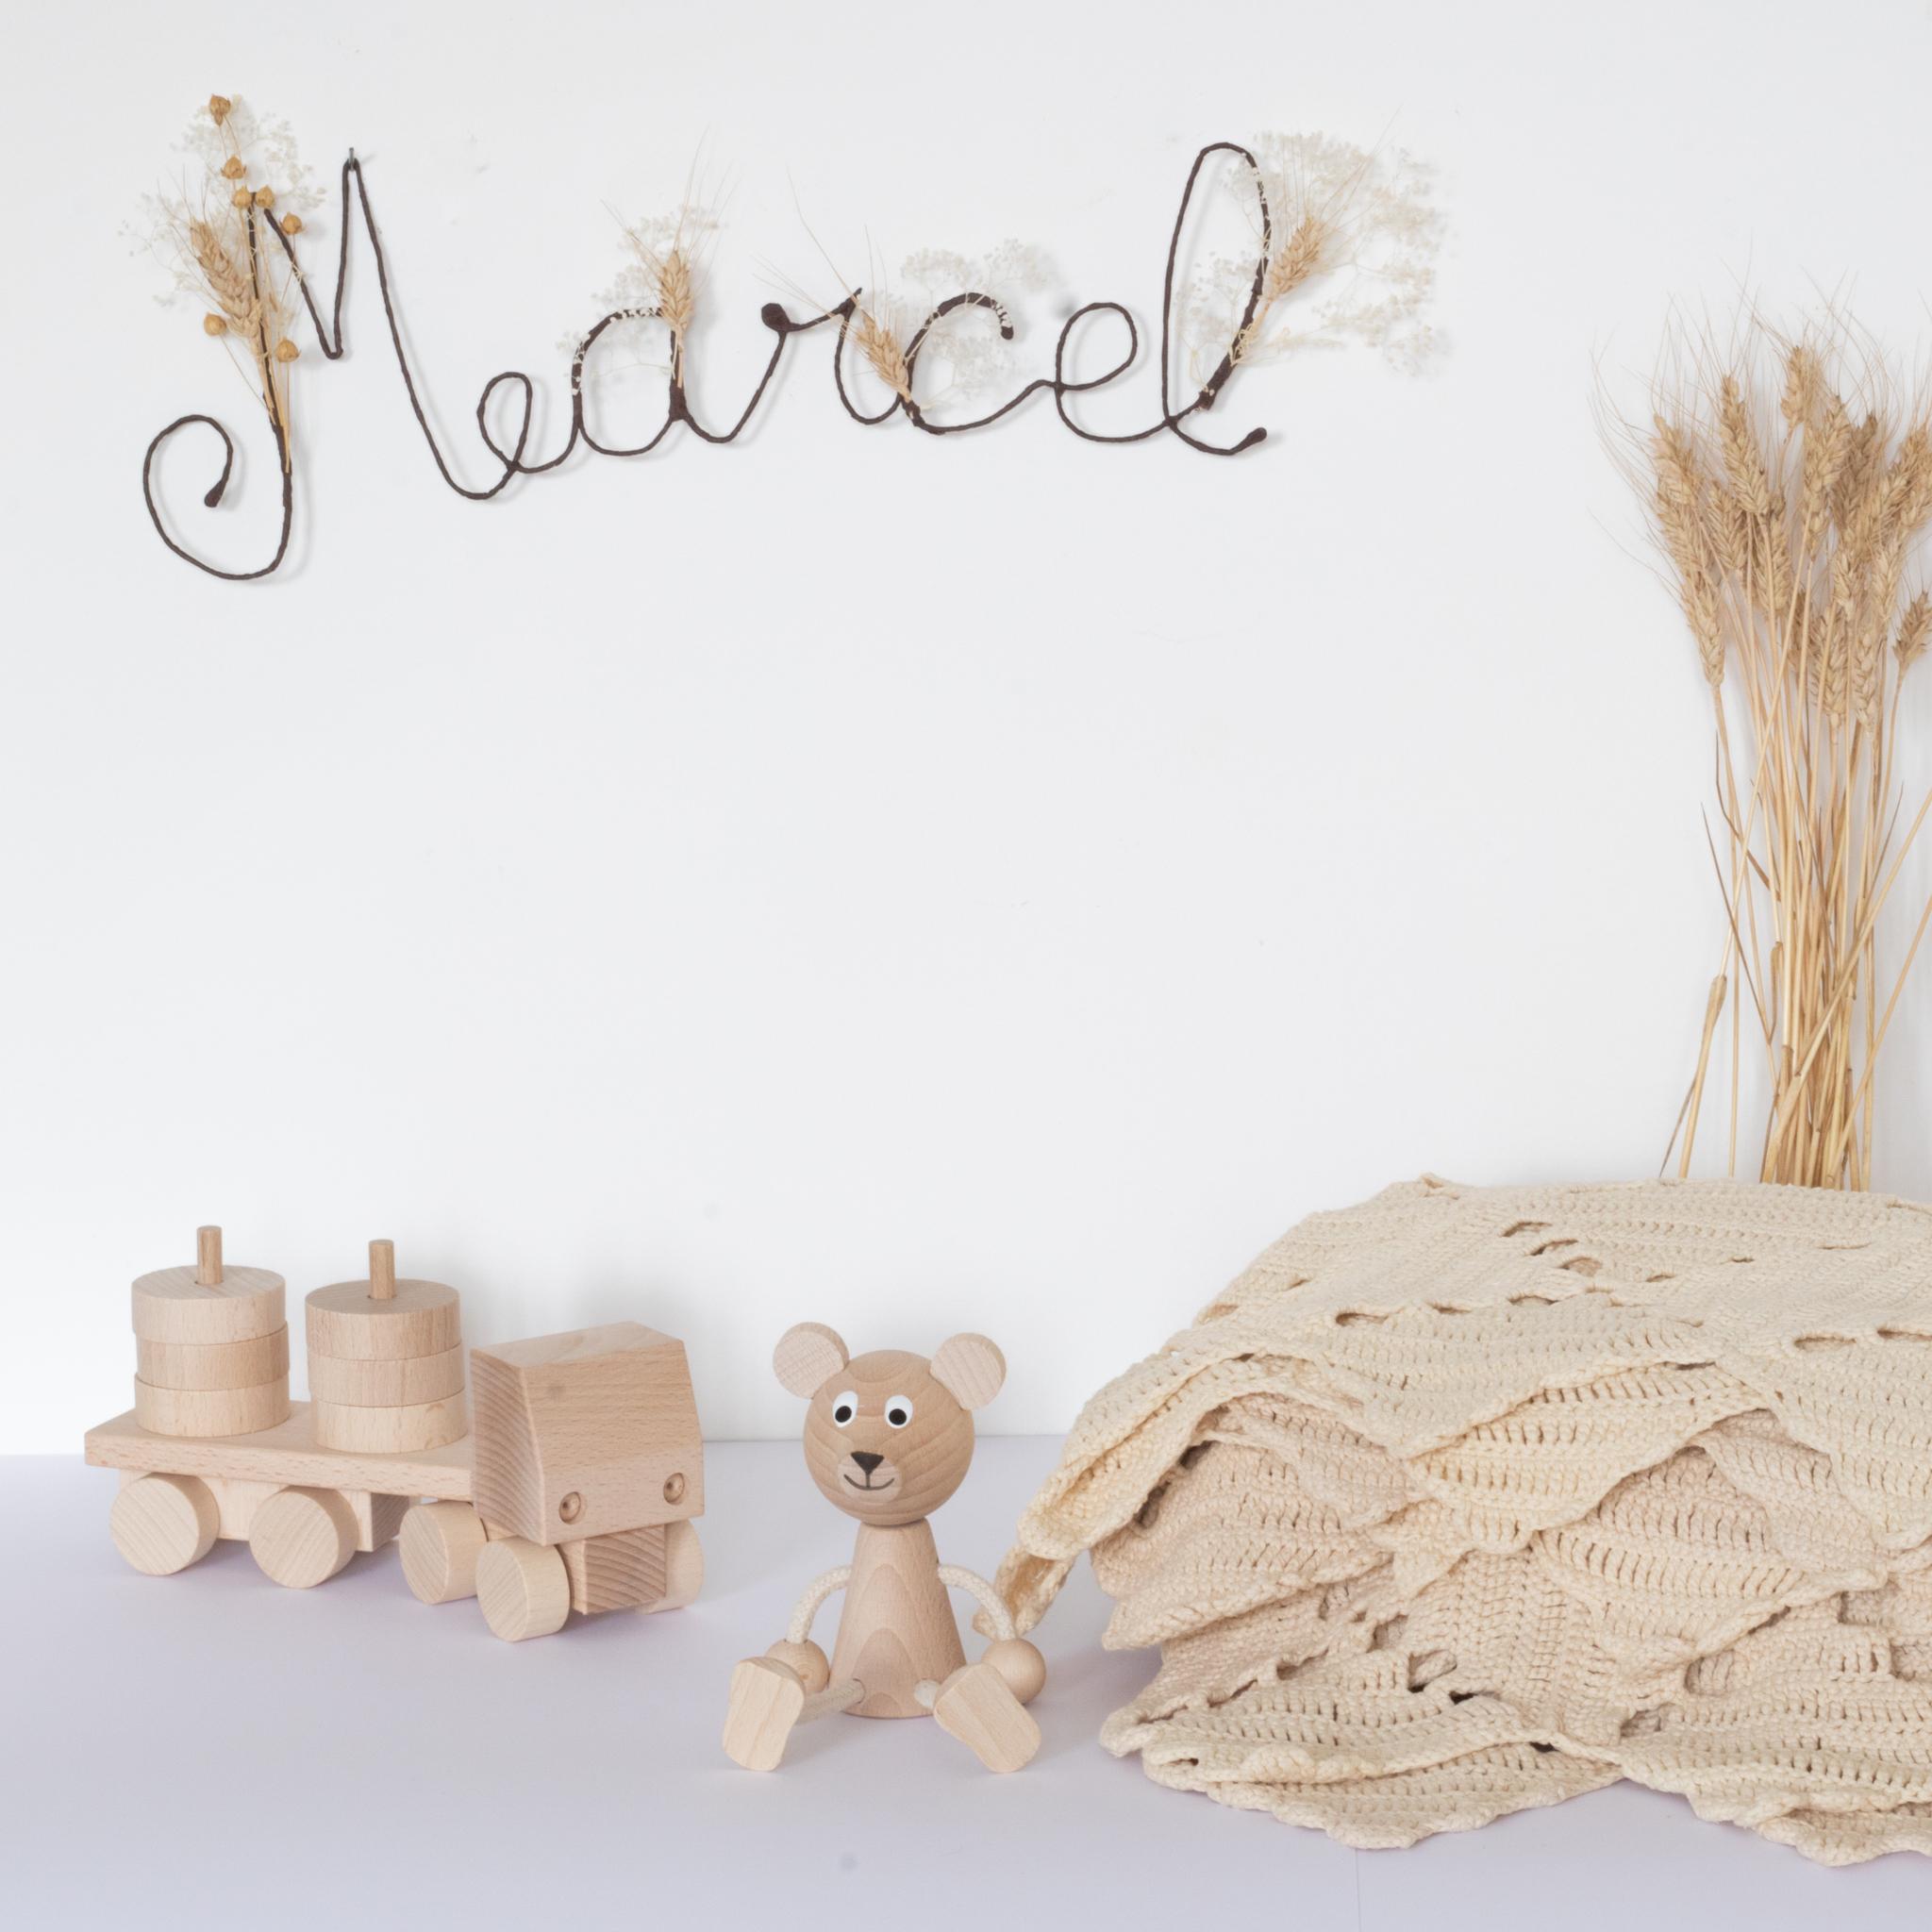 Prénom Marcel en fleurs séchées pour cadeau de naissance original, accroché au mur à l'aide d'un petit clou. Création Trendy Little